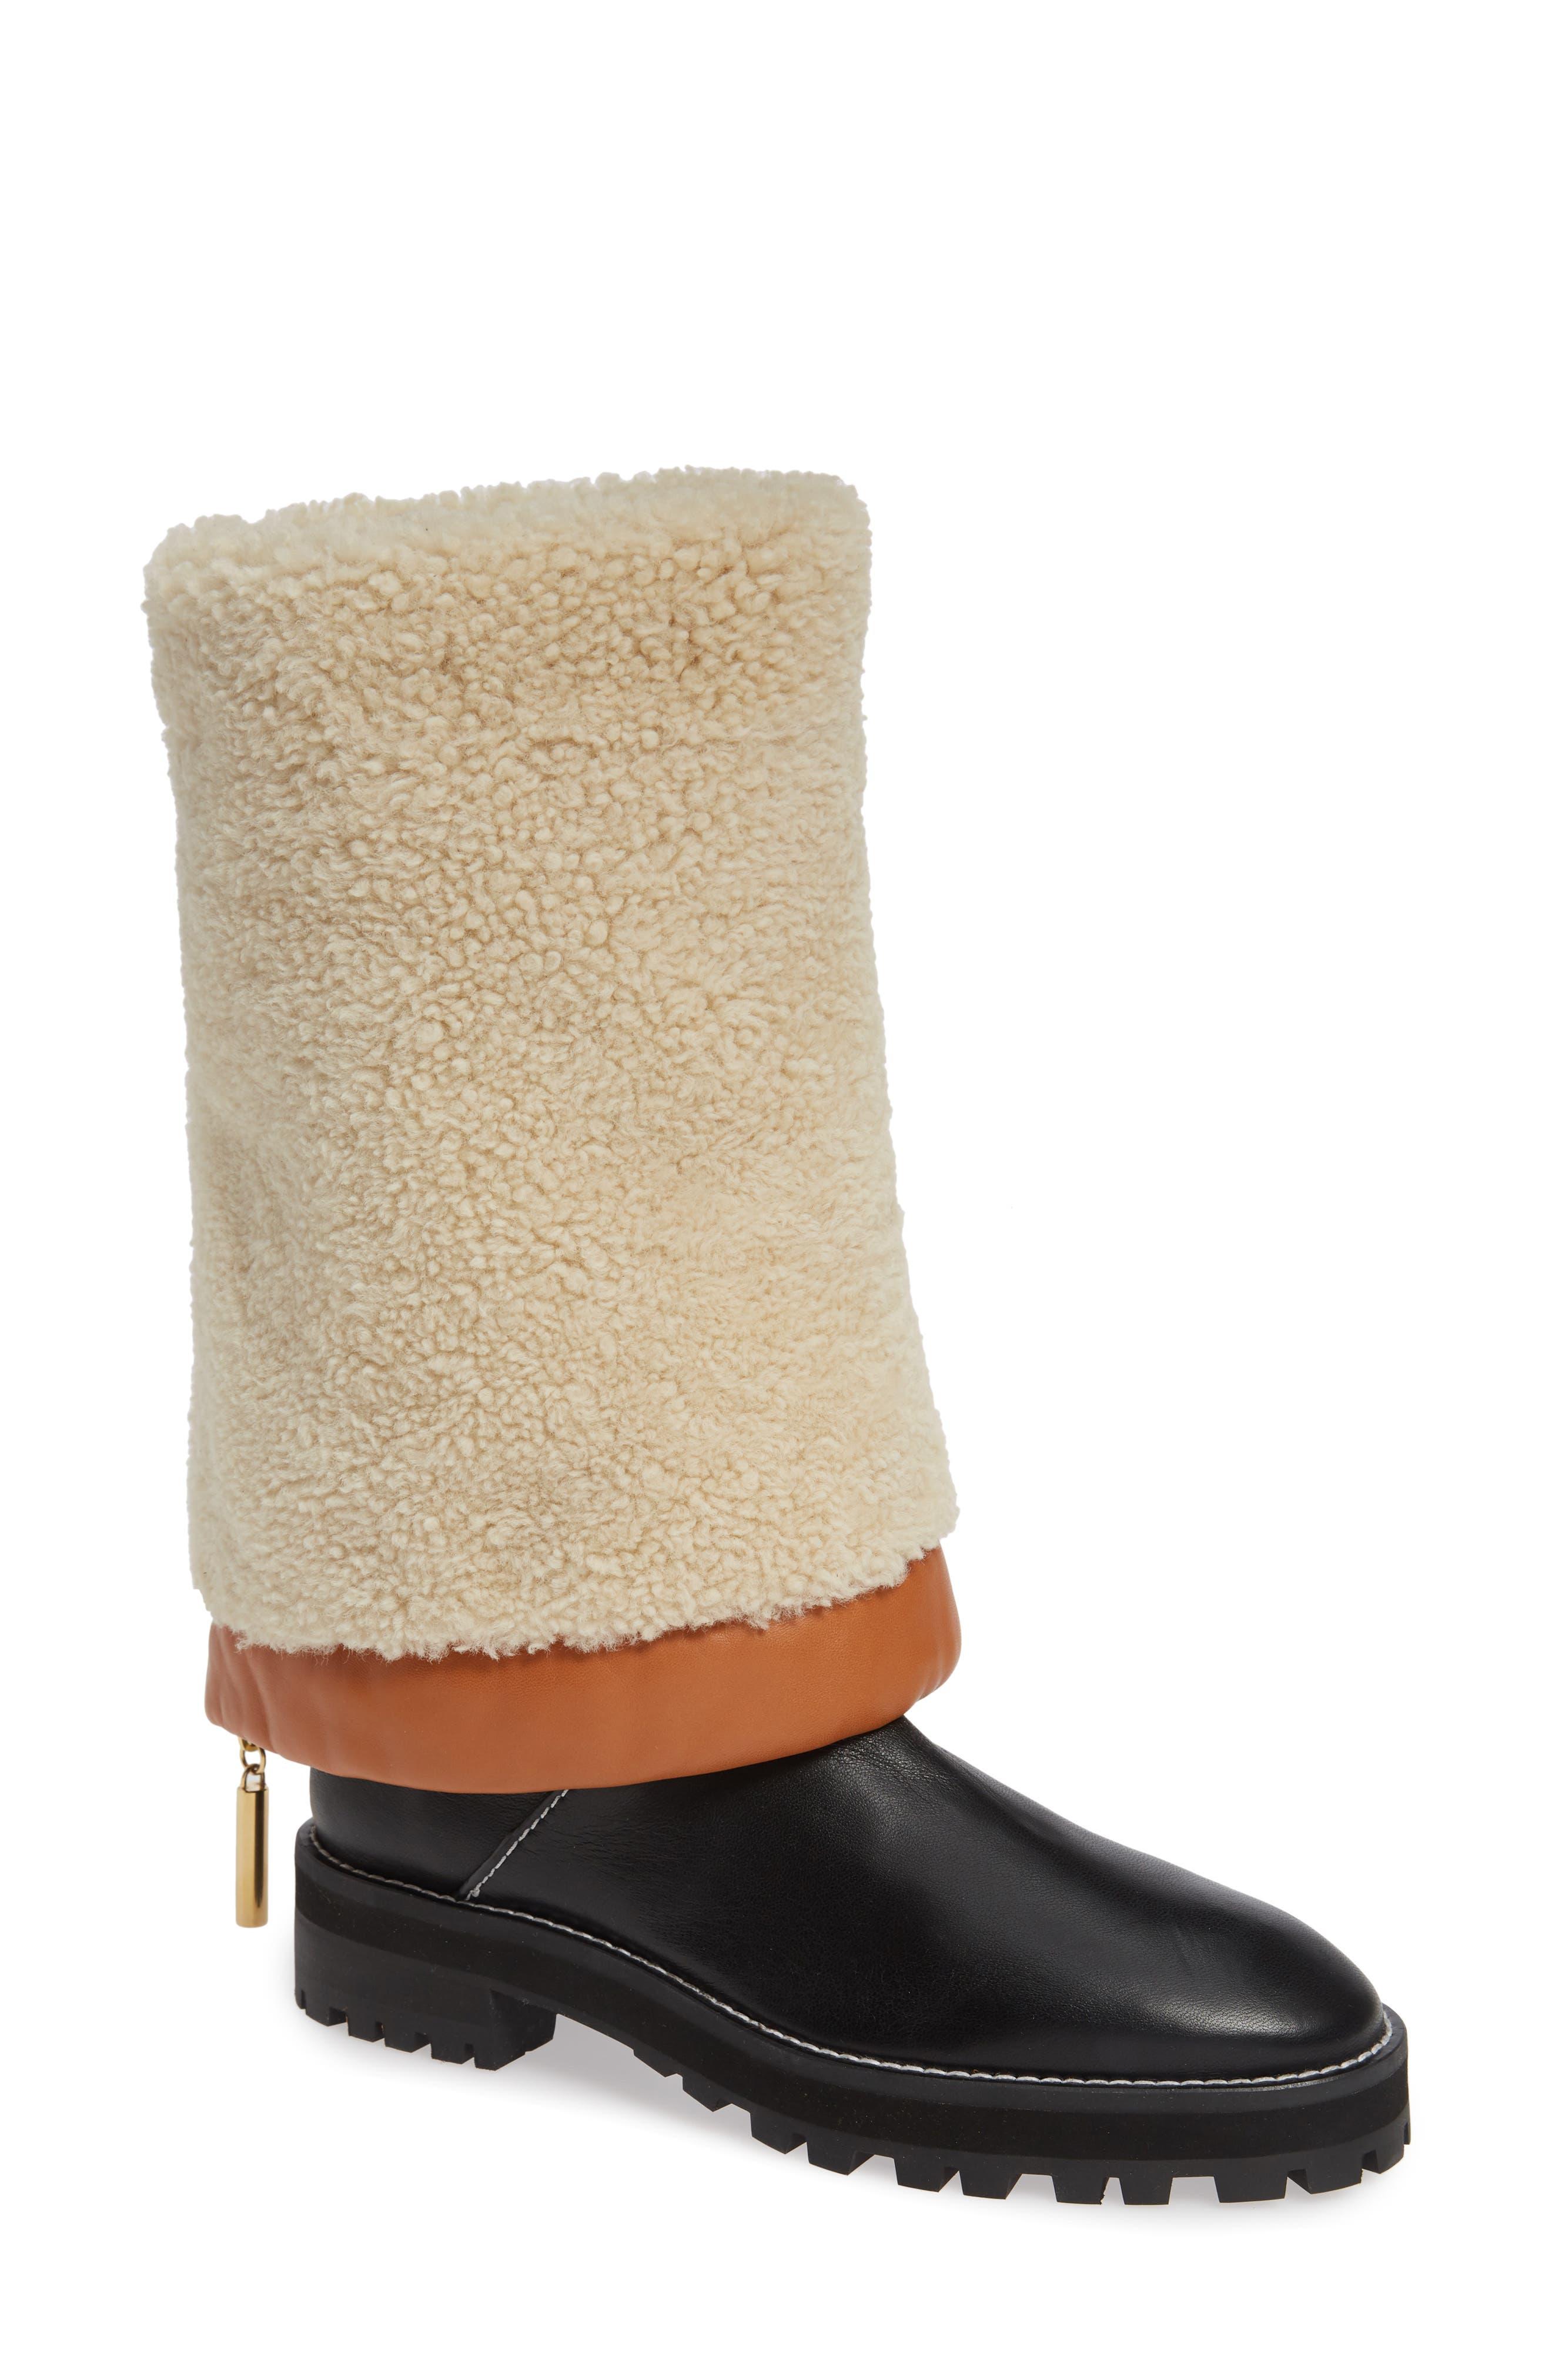 Renata Genuine Shearling Boot,                         Main,                         color, BLACK ANDORRA